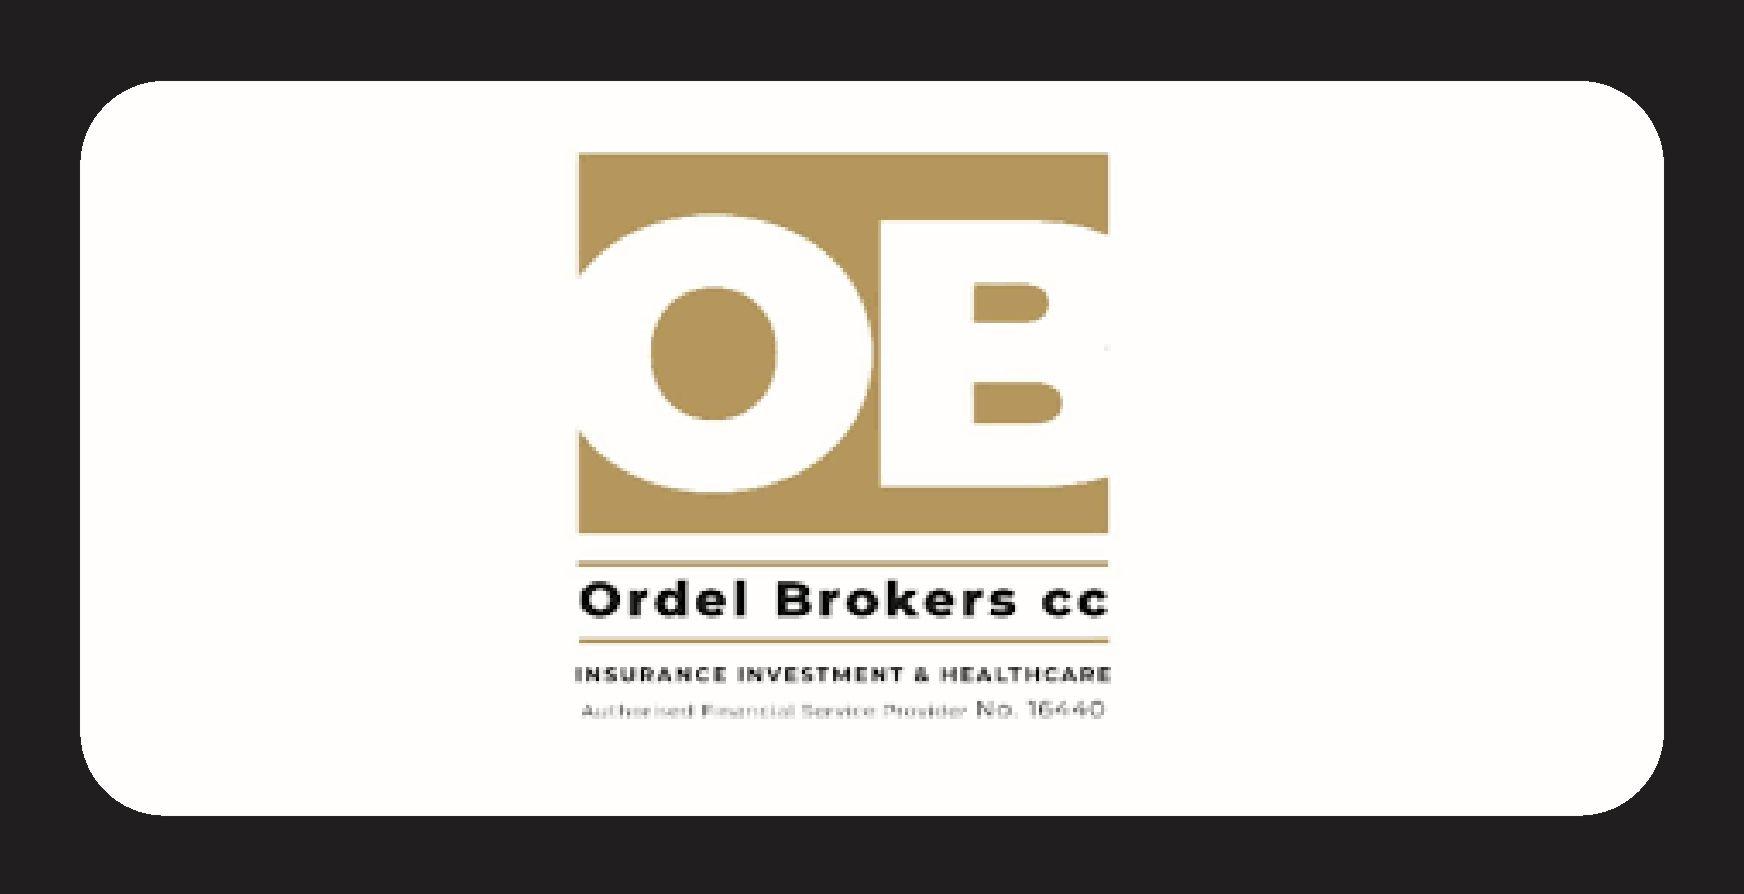 Ordel_Brokers